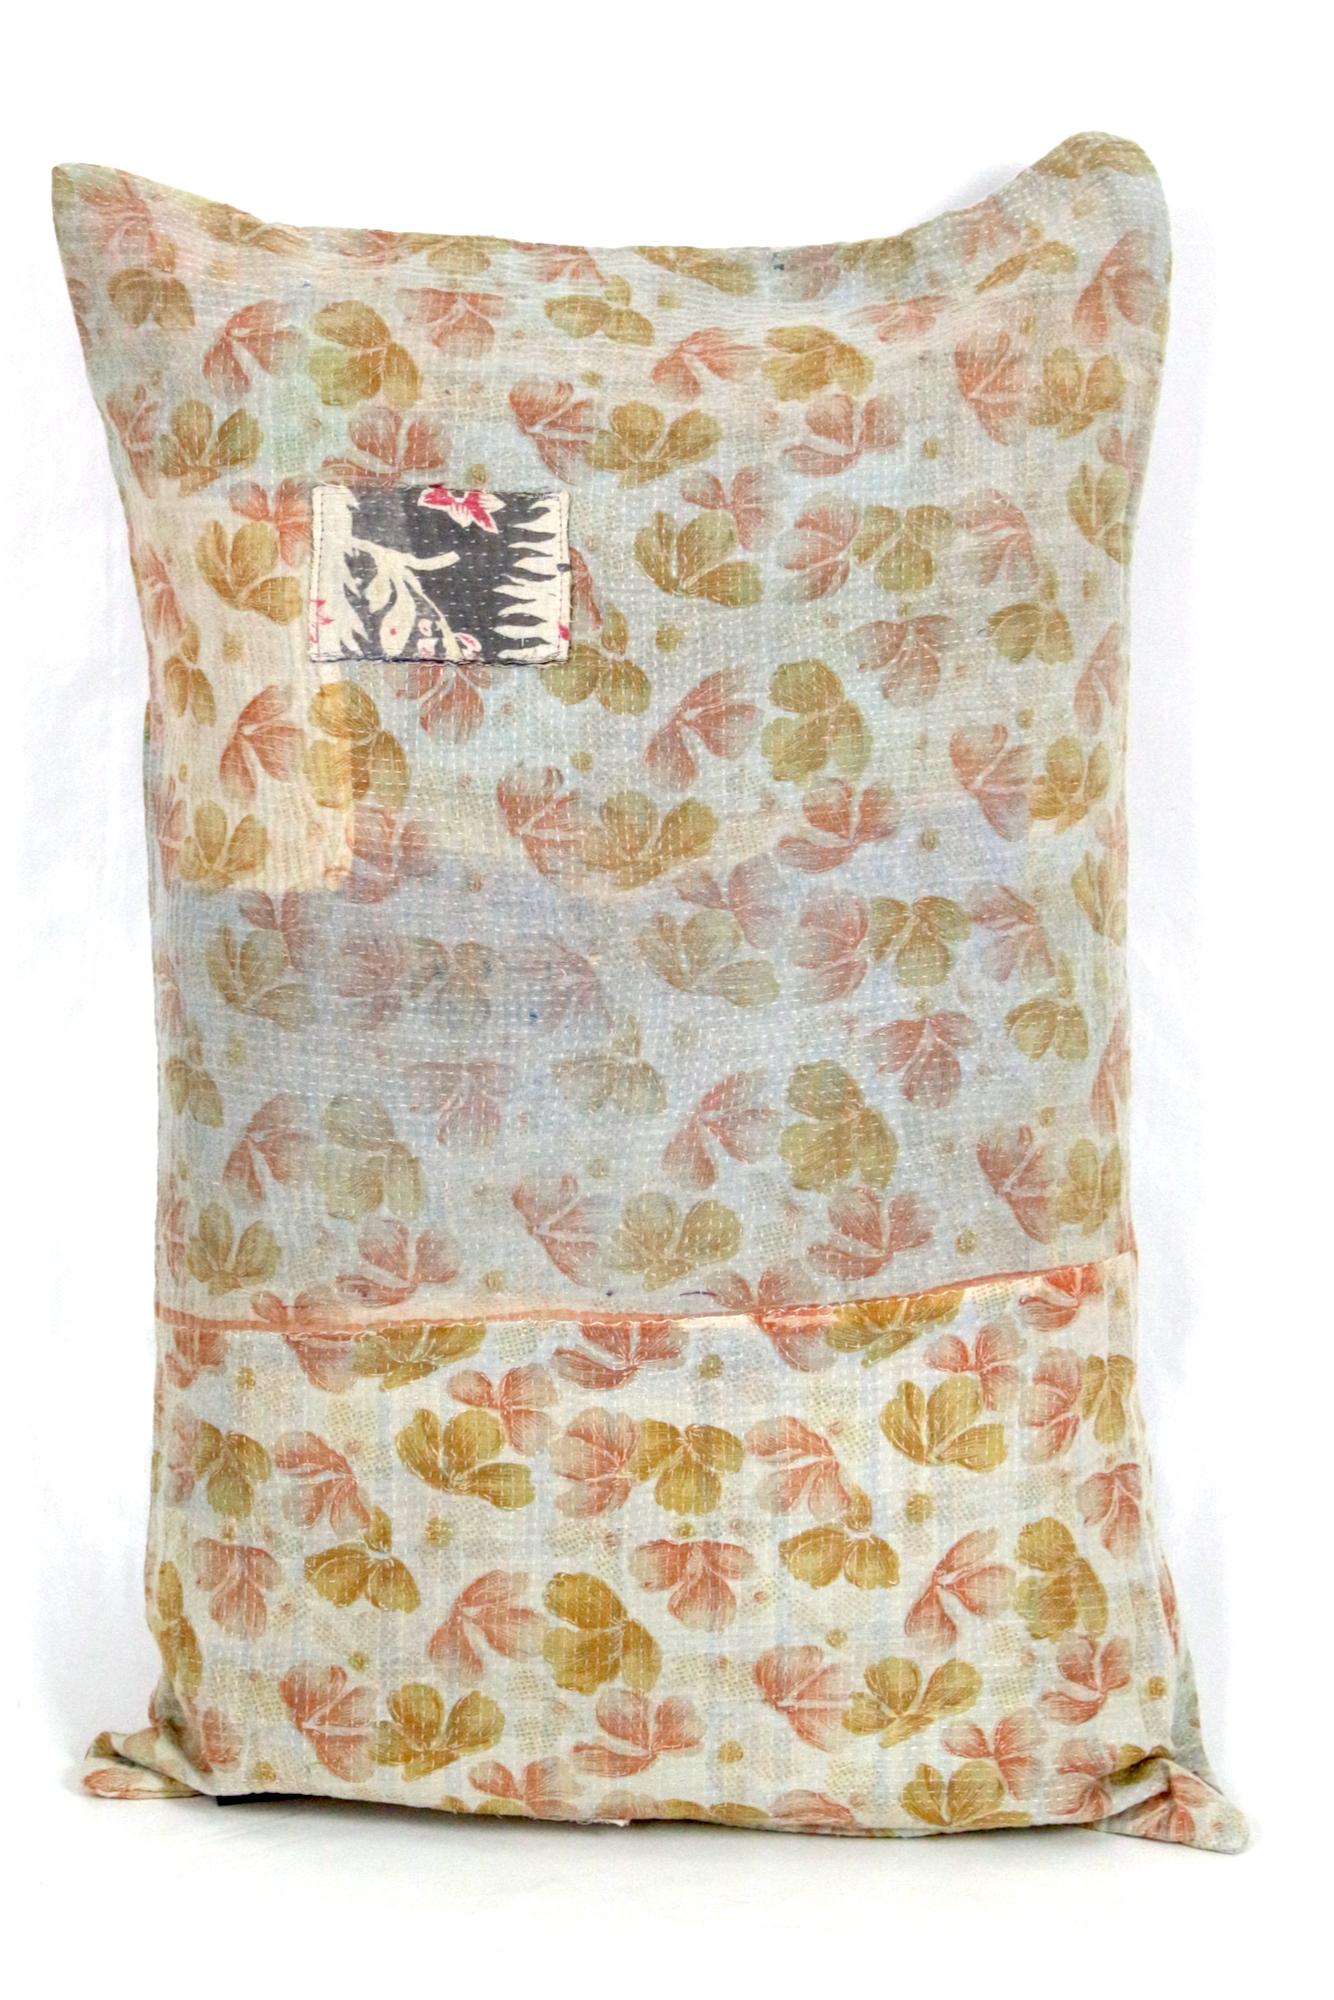 Bunter Kissenbezug aus Baumwolle, 60x40